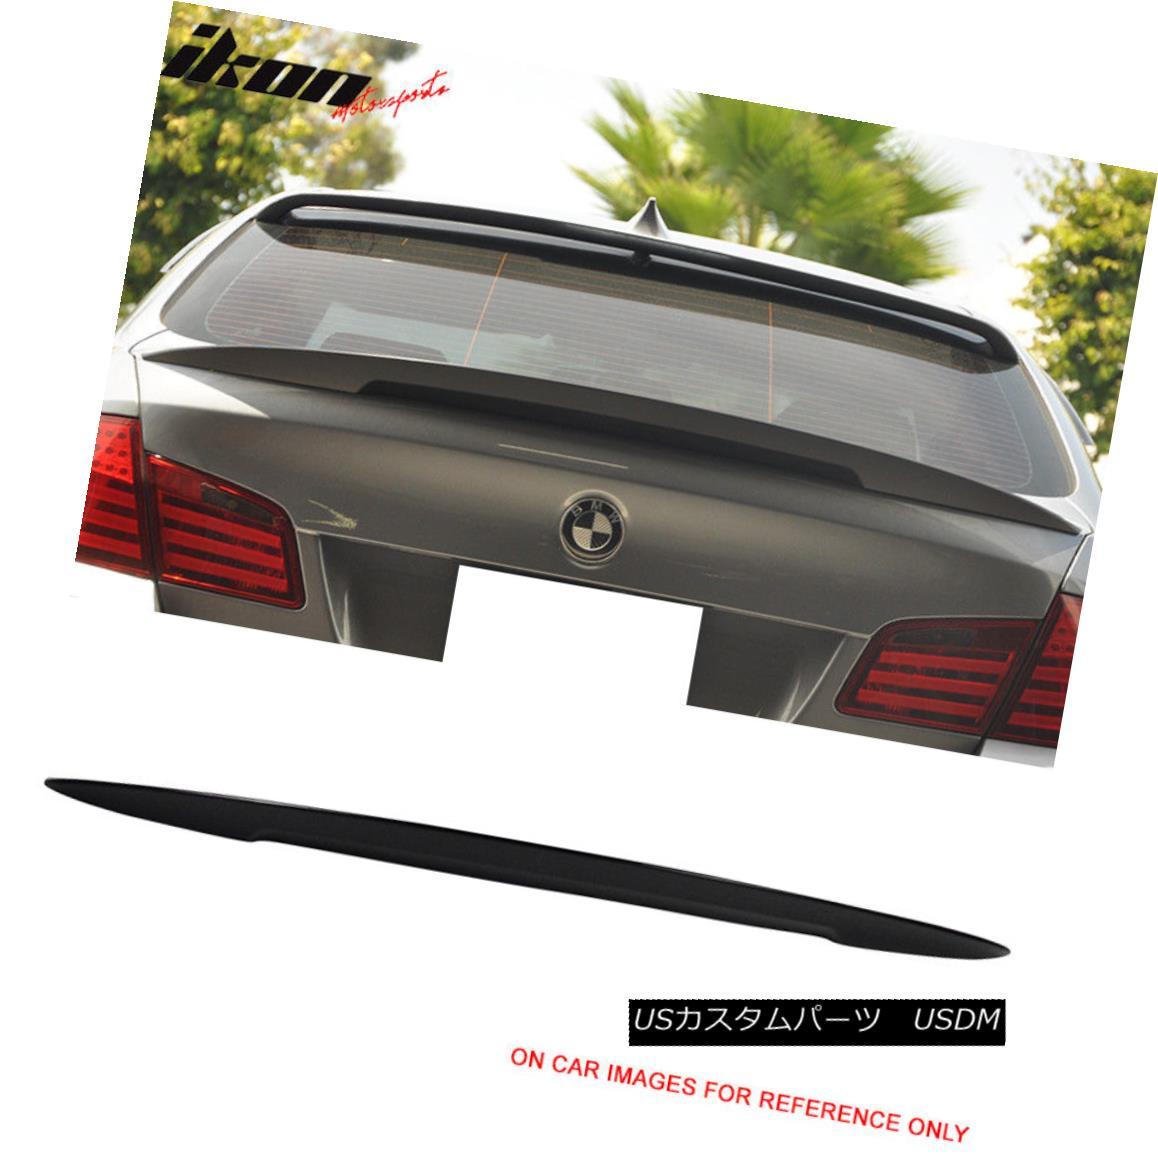 エアロパーツ Fits11-16 F10 High Kick Performance2 Trunk Spoiler Painted #668 Jet Black フィット11-16 F10ハイキックパフォーマンス2トランク・スポイラー#668ジェットブラック